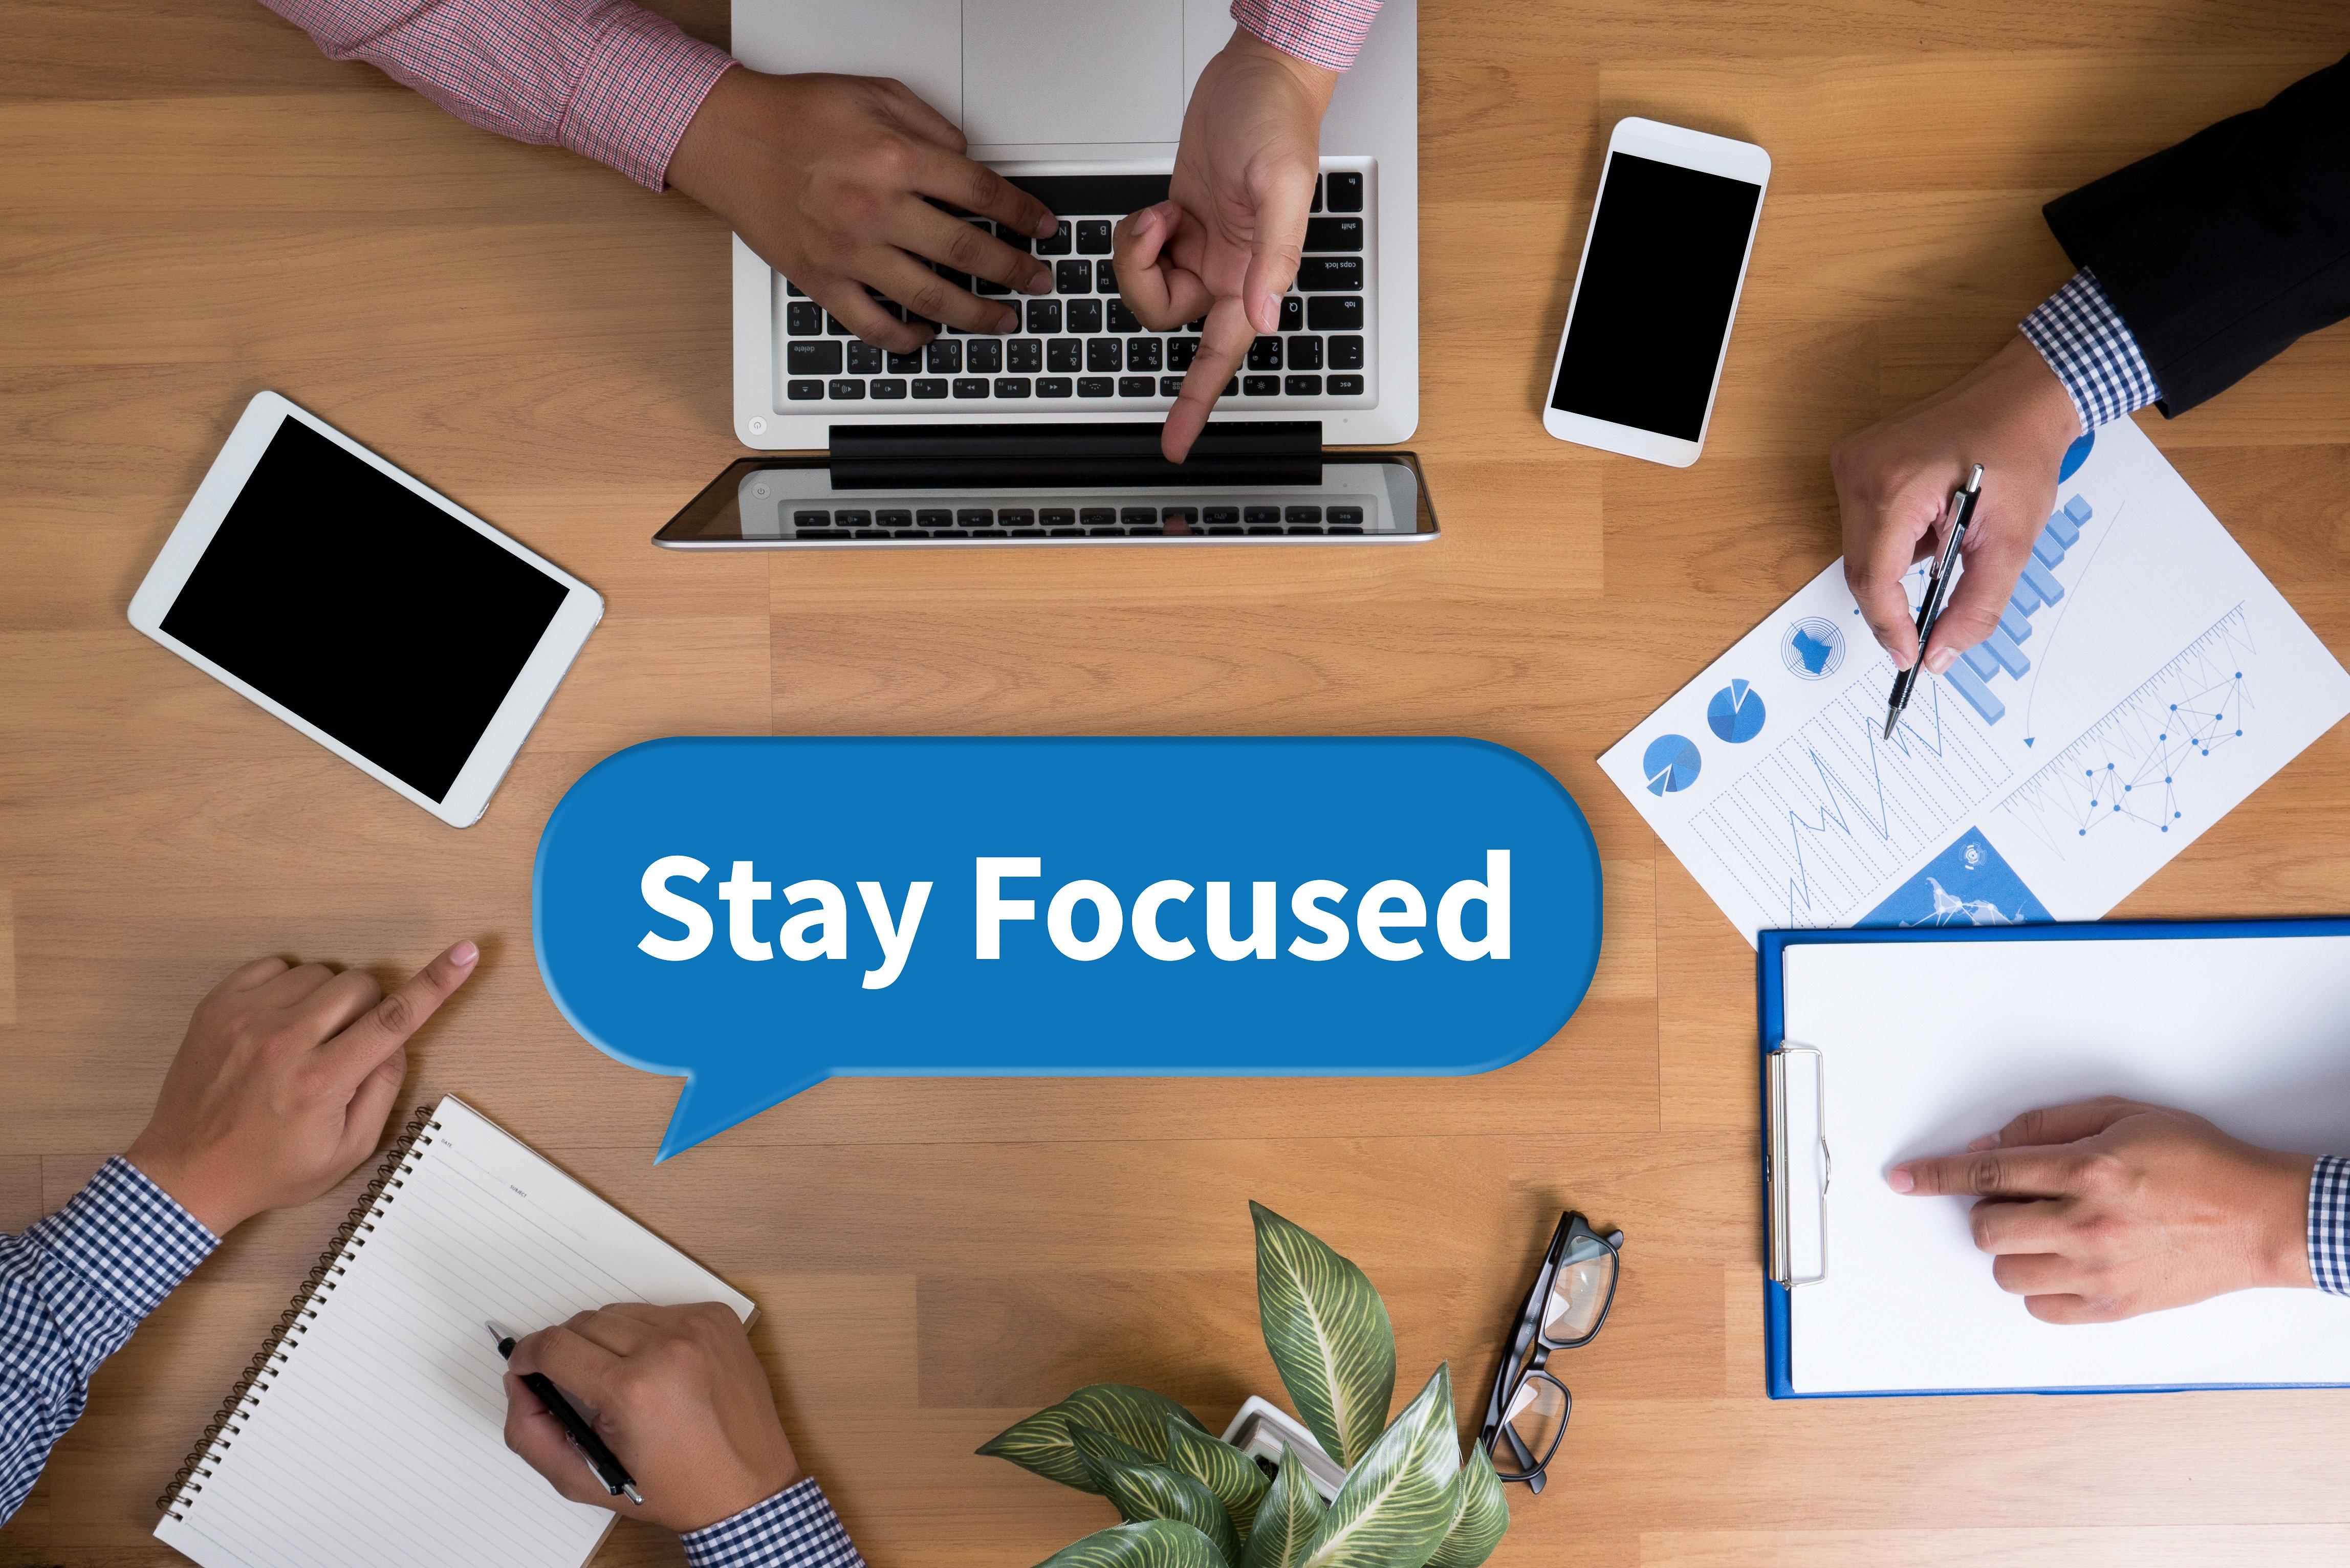 stay focused on logistics